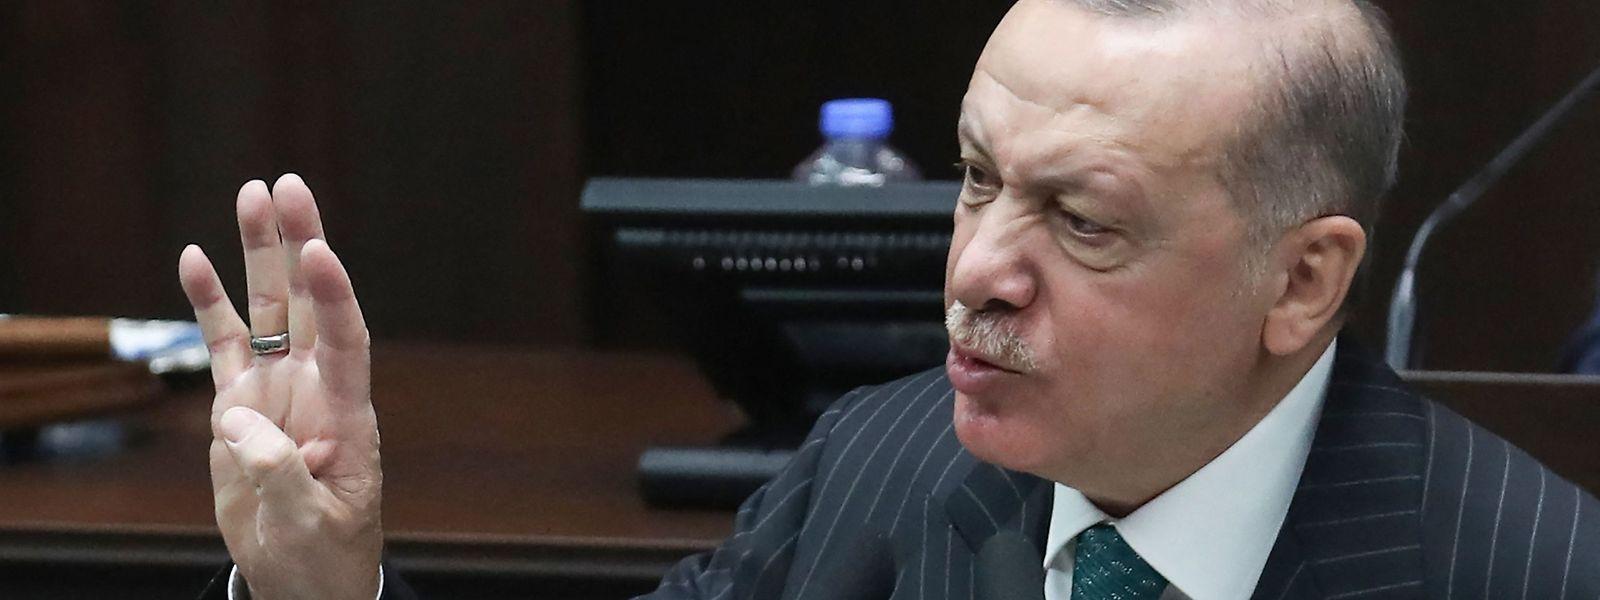 Das Dekret des Präsidenten Recep Tayyip Erdogan wurde in der Nacht zu Samstag im Amtsblatt veröffentlicht.